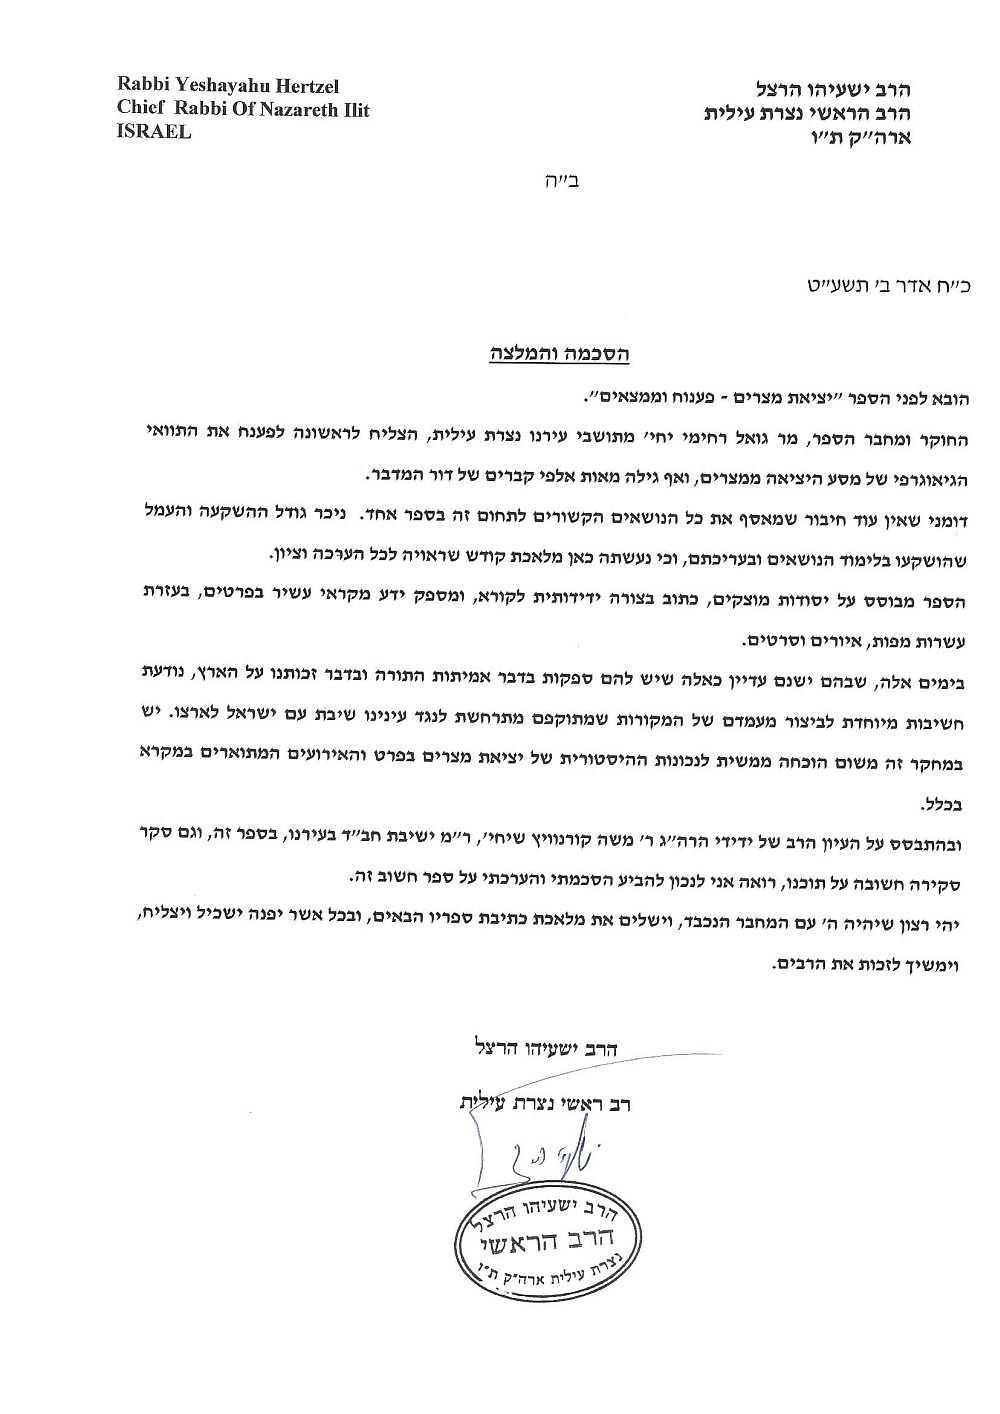 הסכמה והמלצה של הרב הרצל לאתר